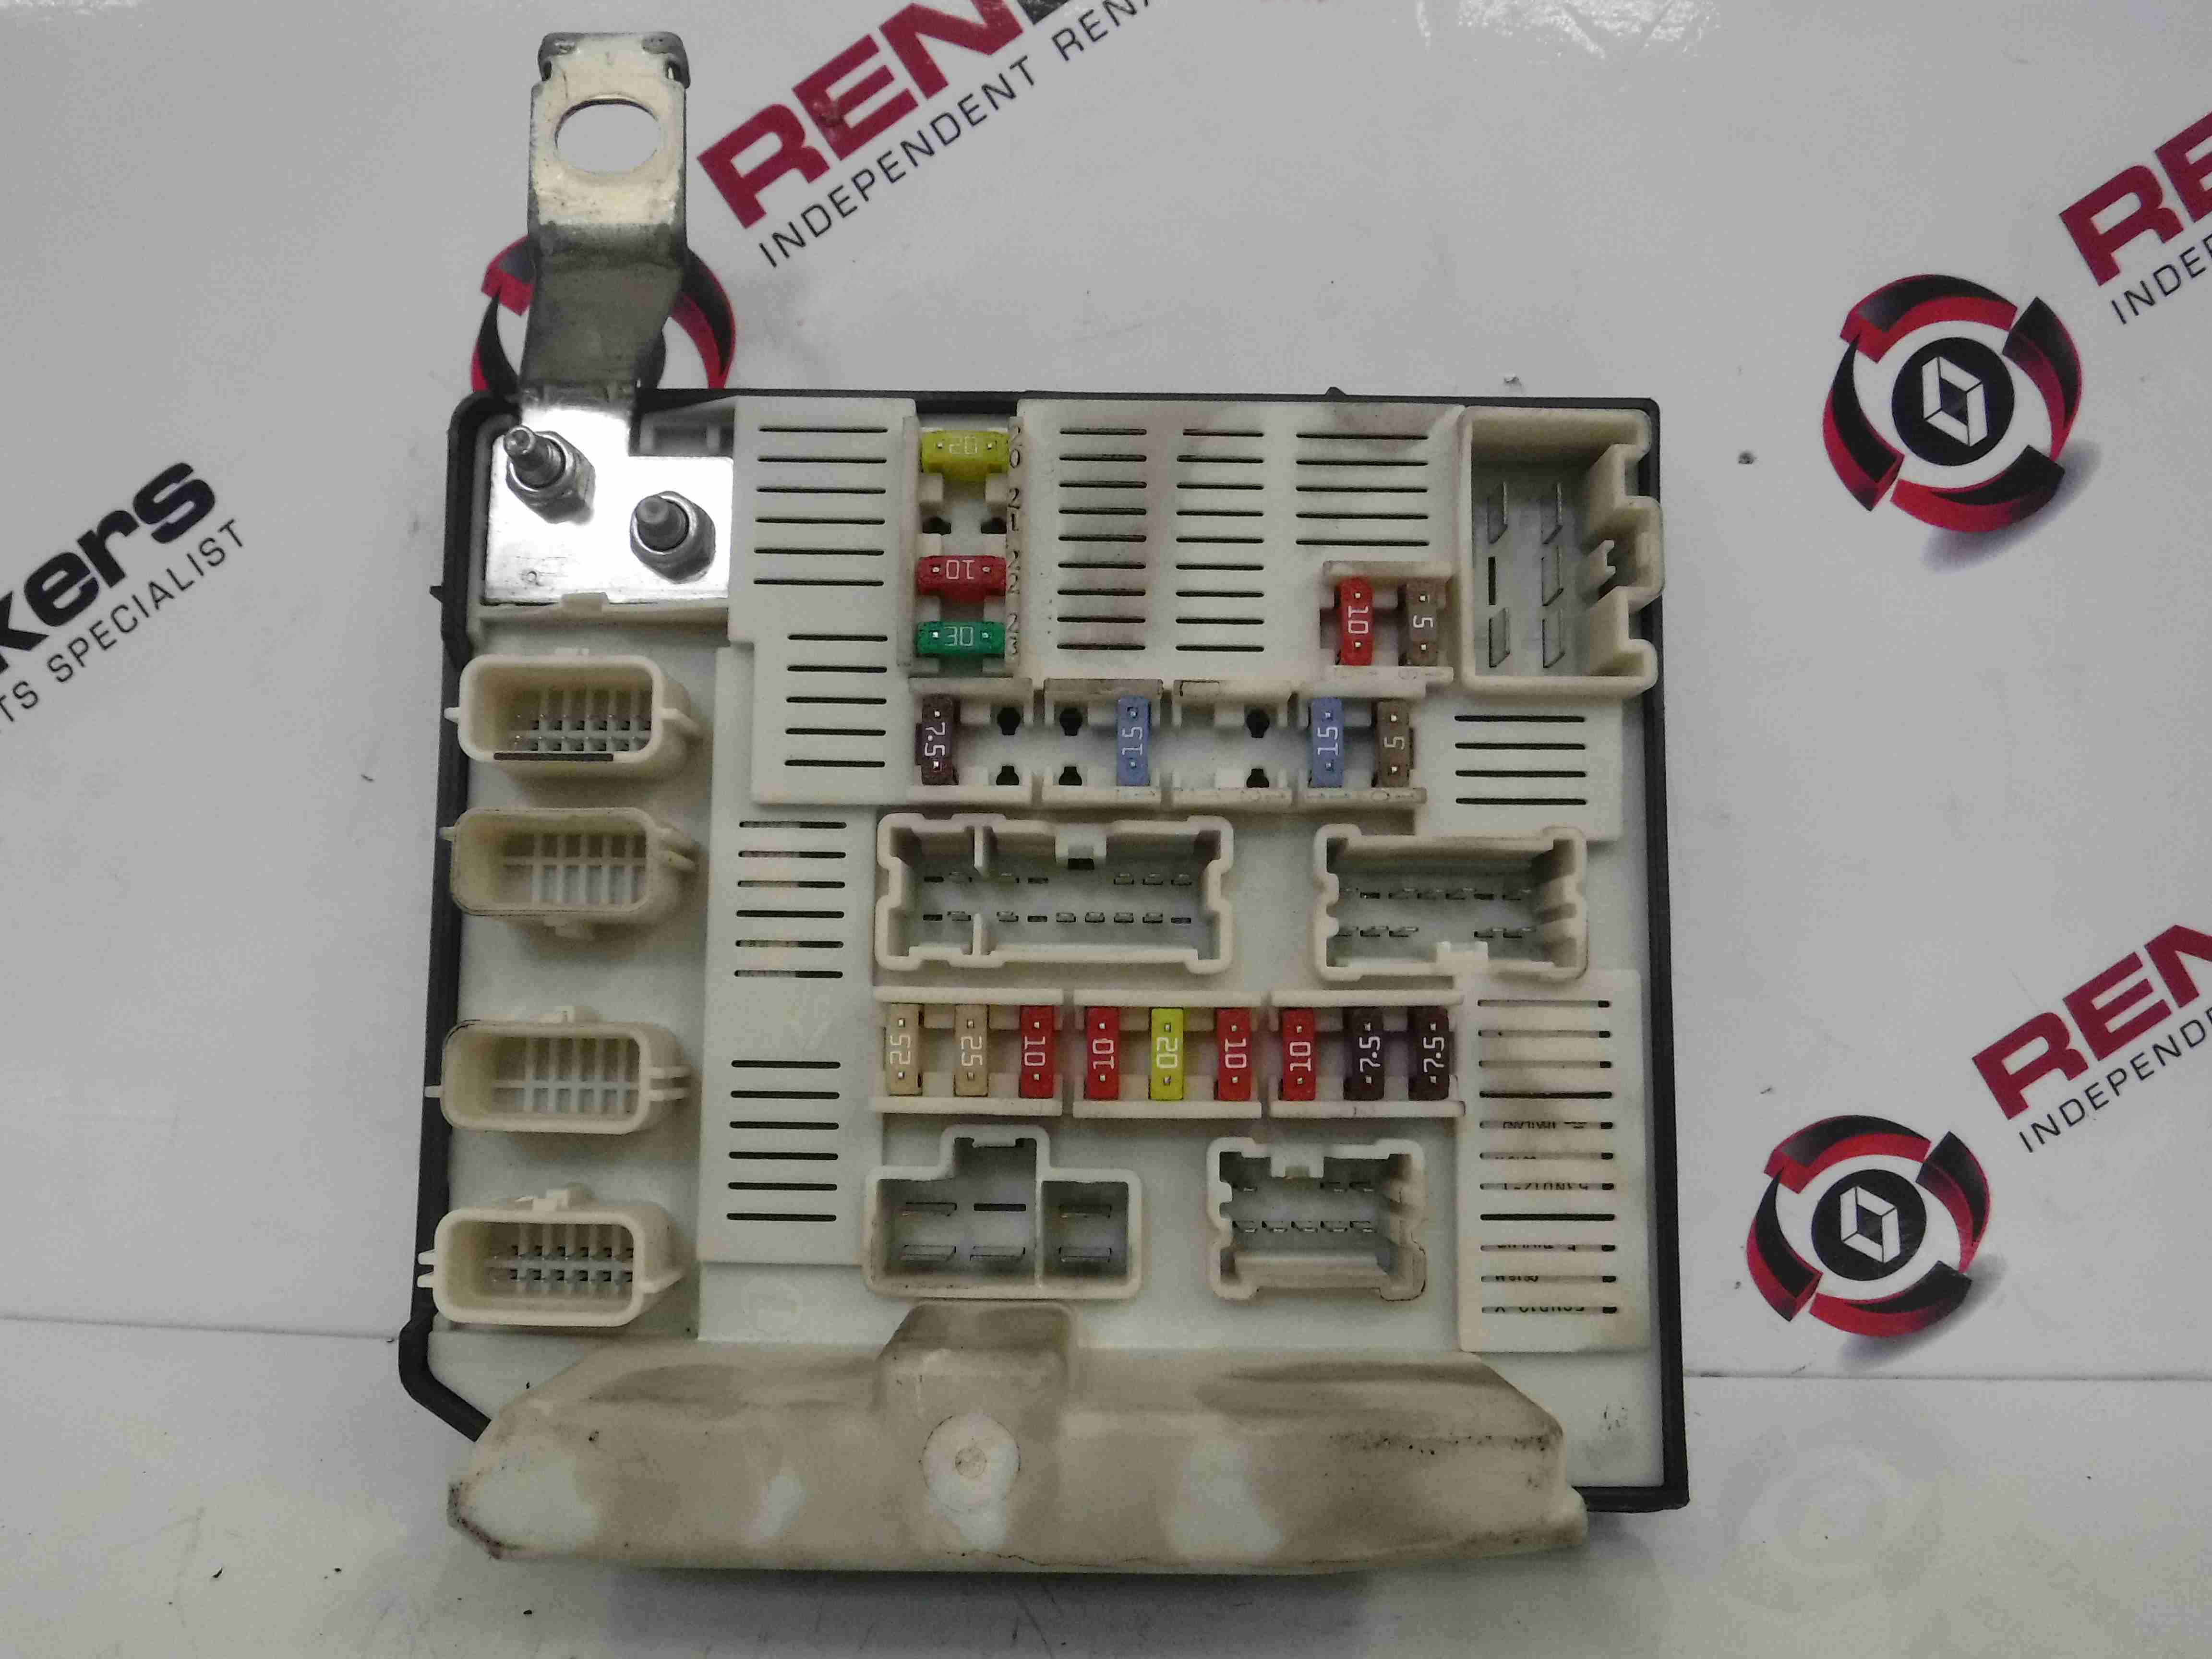 [DIAGRAM_5NL]  KH_6468] Renault Megane Fuse Box Engine Bay Free Diagram | Renault Megane Fuse Box In Engine Bay |  | Www Mohammedshrine Librar Wiring 101